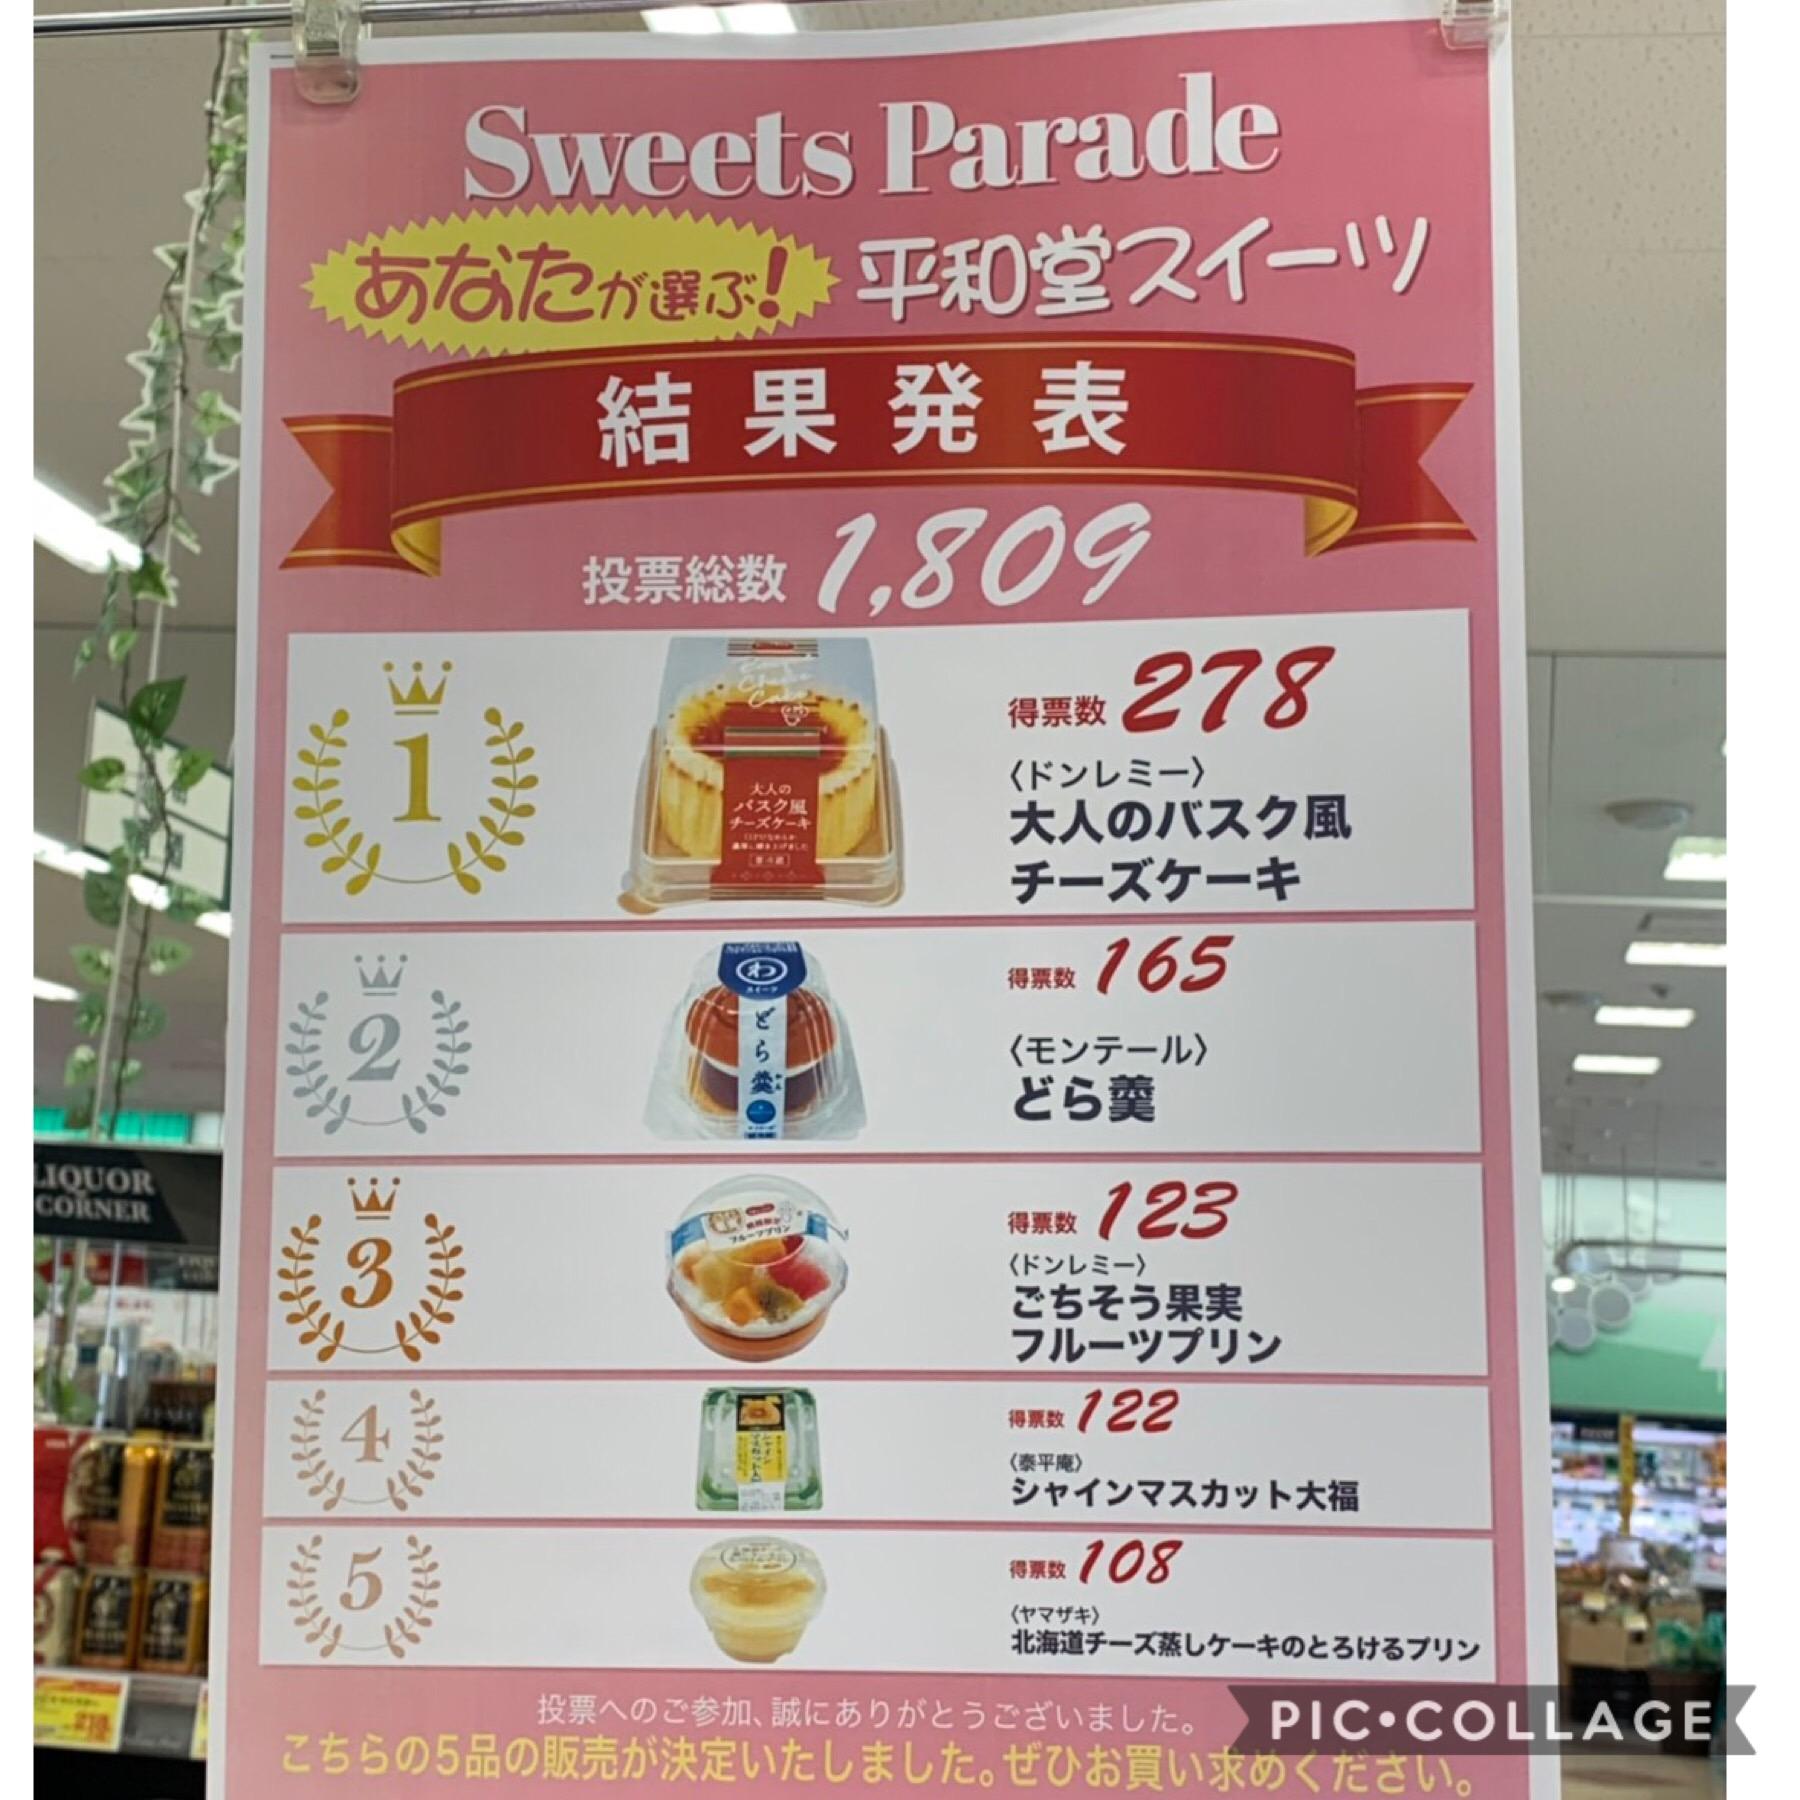 ★フレンドマート高槻氷室店★美味しいスィ…の画像